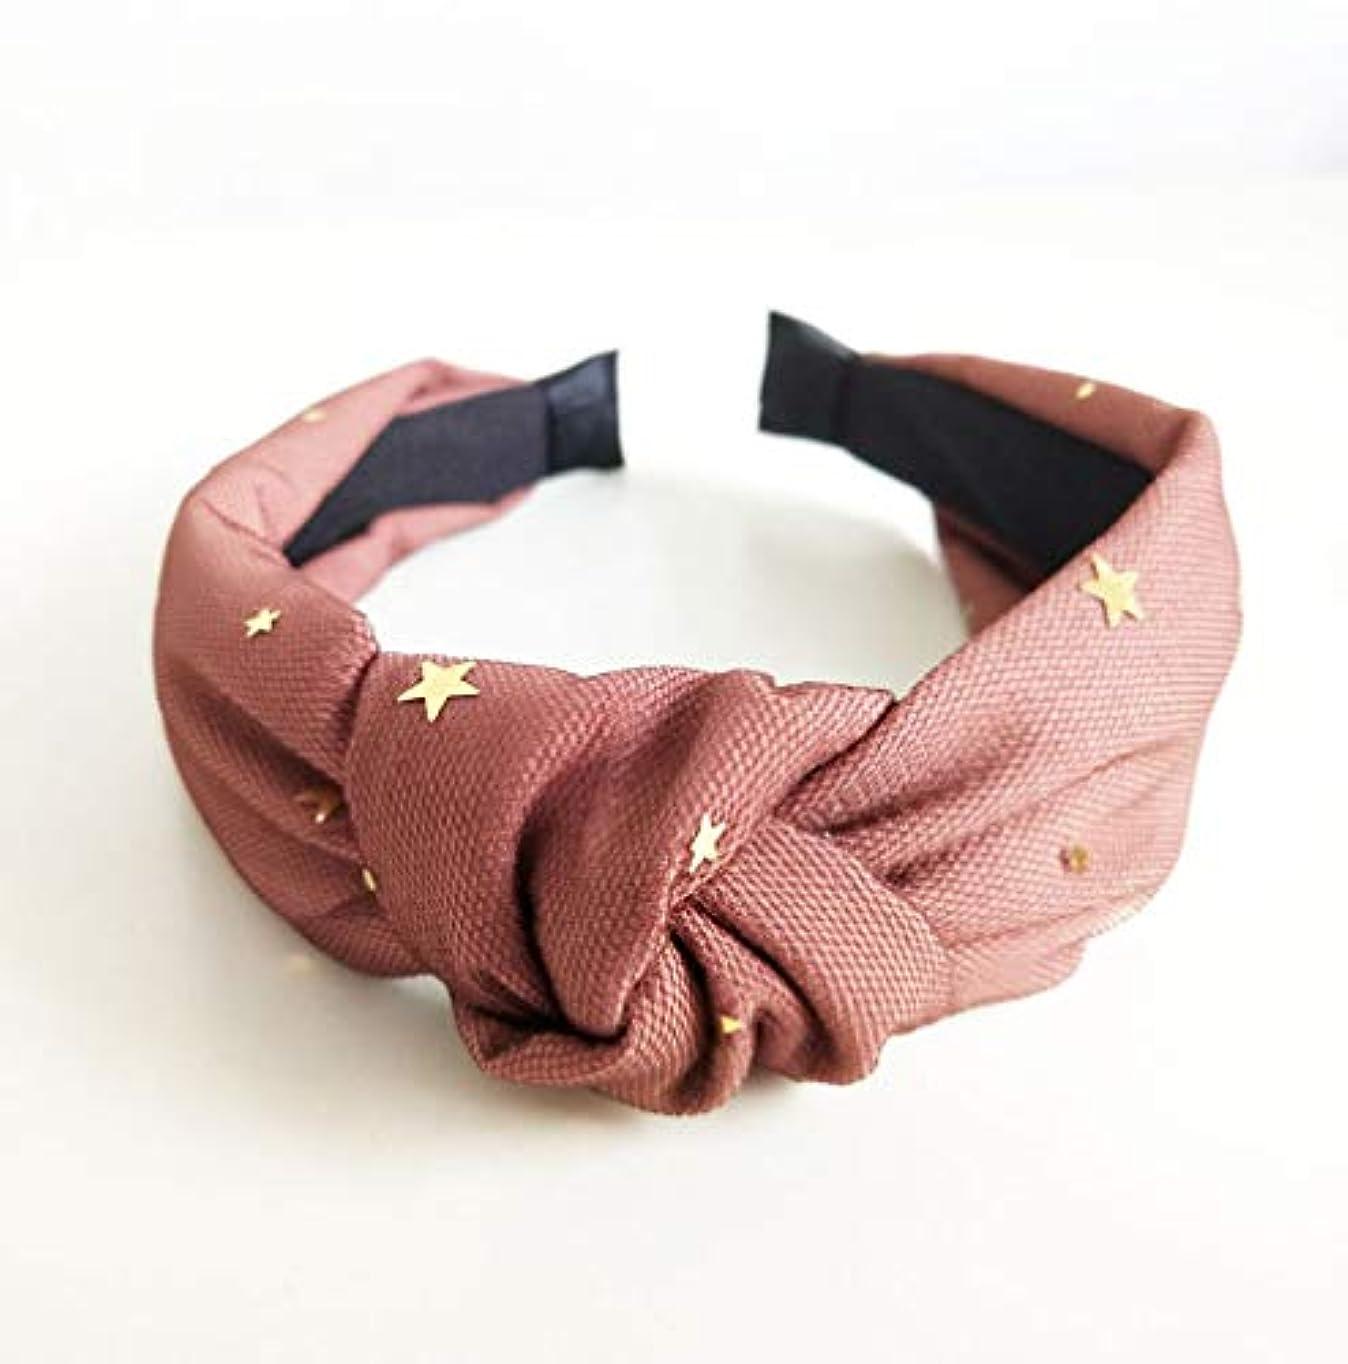 タフクラシックネックレスCMFJSOP 布の小さなスターメッシュ二重層の弓のヘアバンドクロスヘアバンド結び目のヘッドバンドの韓国語版